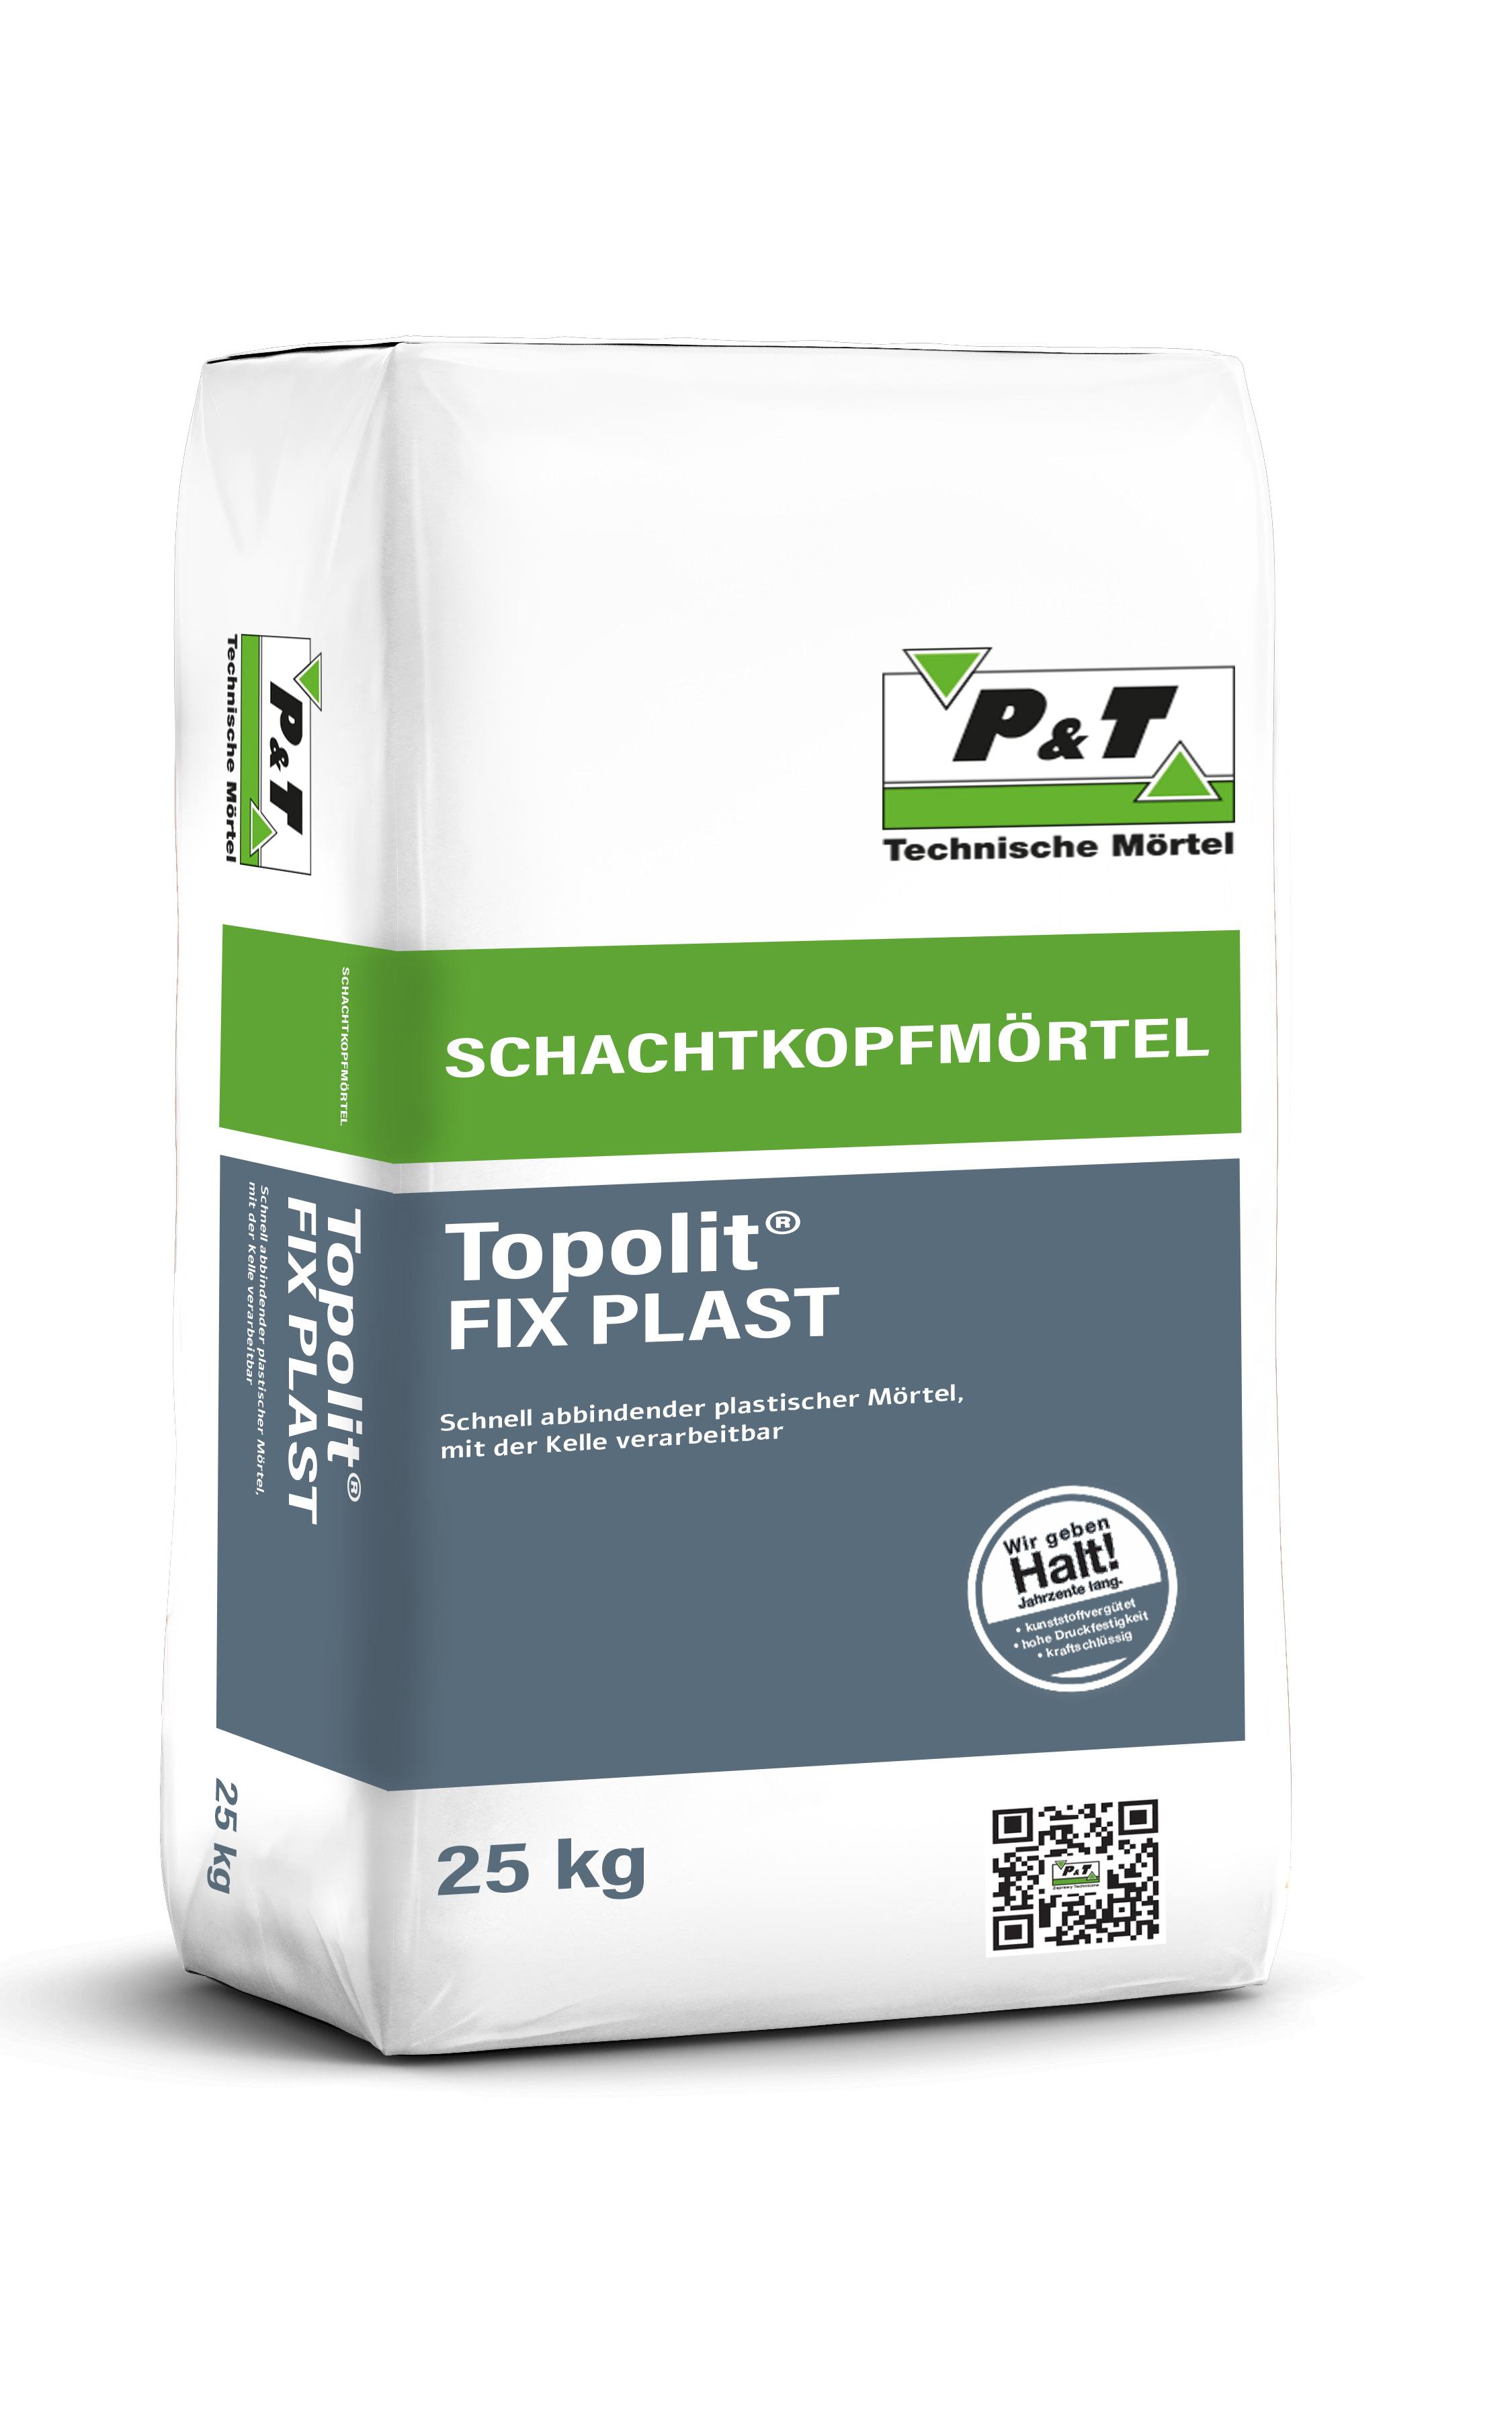 Topolit Fix Plast